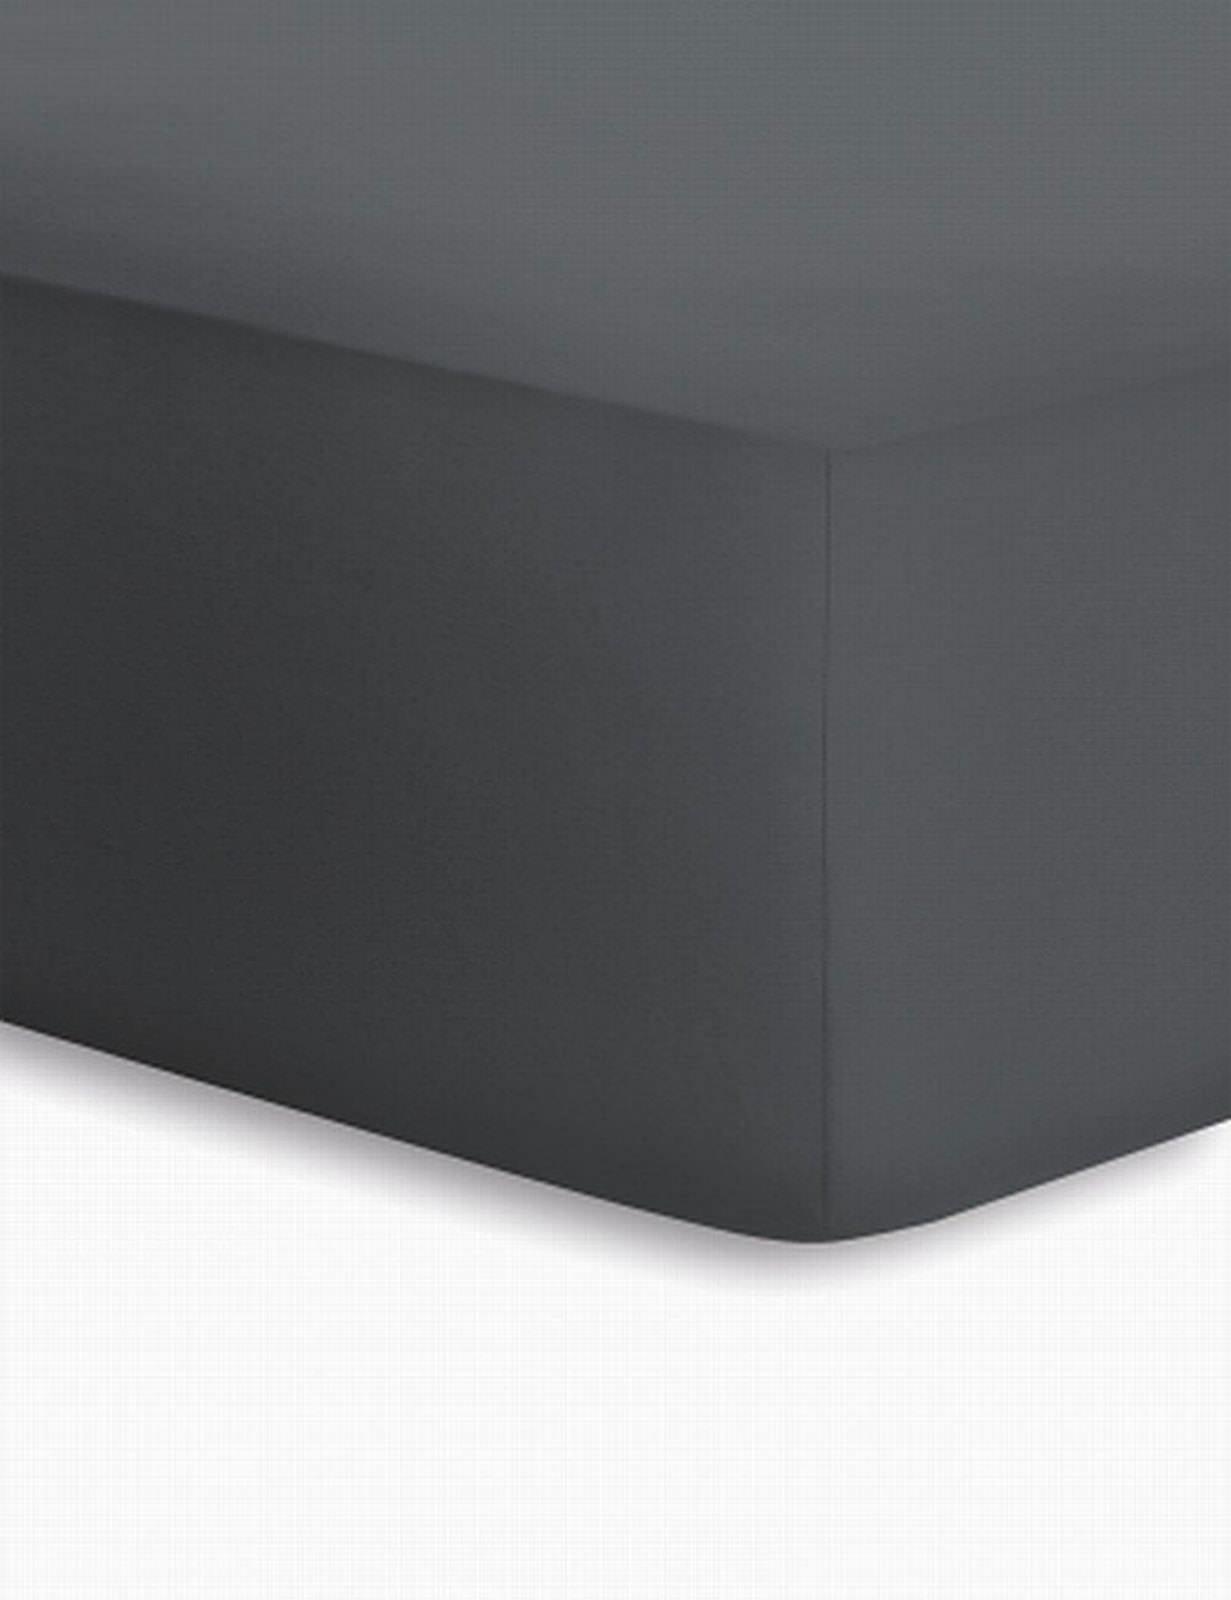 schlafgut jersey elasthan boxspring online entdecken. Black Bedroom Furniture Sets. Home Design Ideas